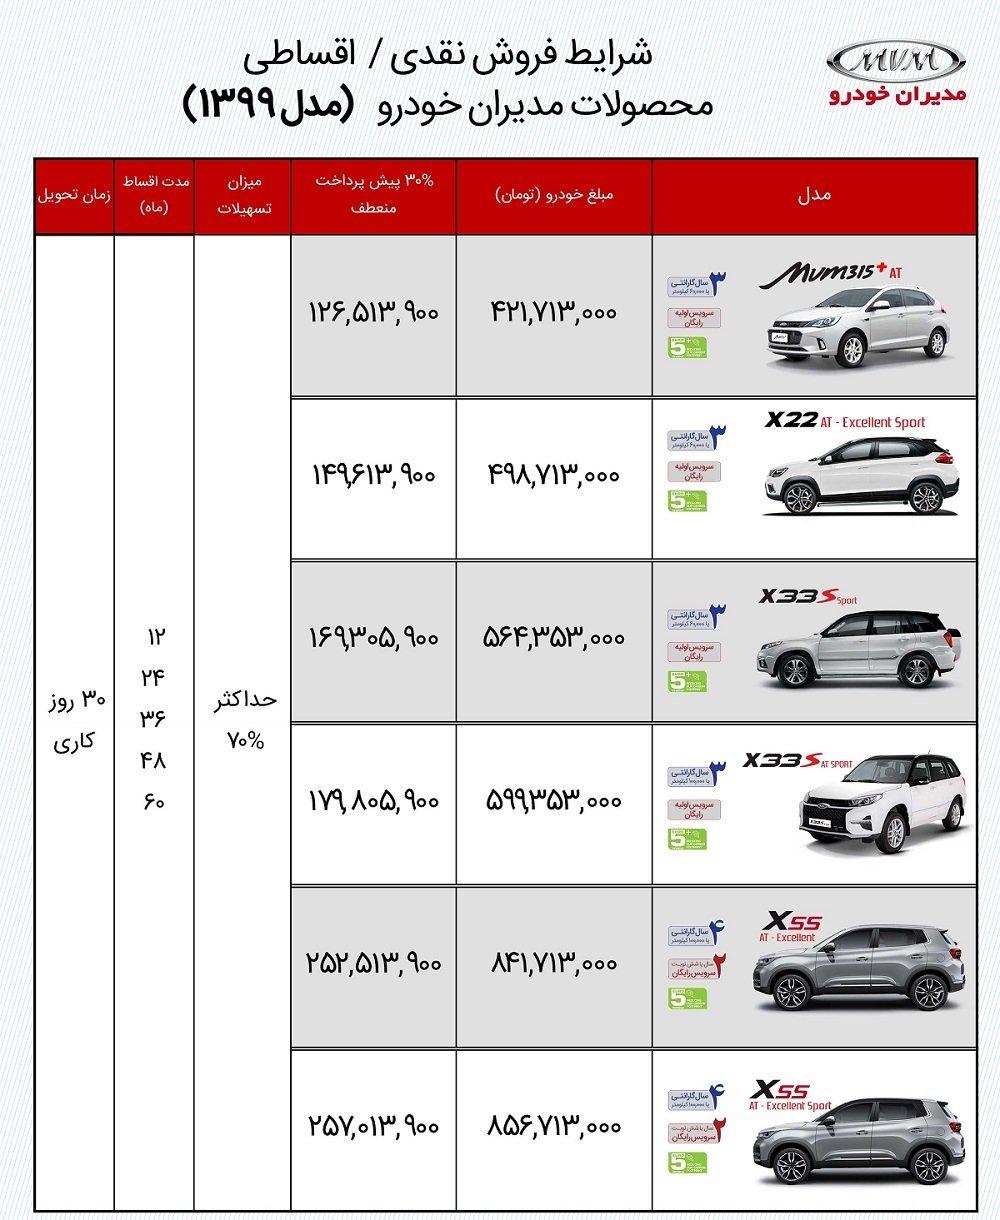 فروش اقساطی محصولات MVM اردیبهشت 1400